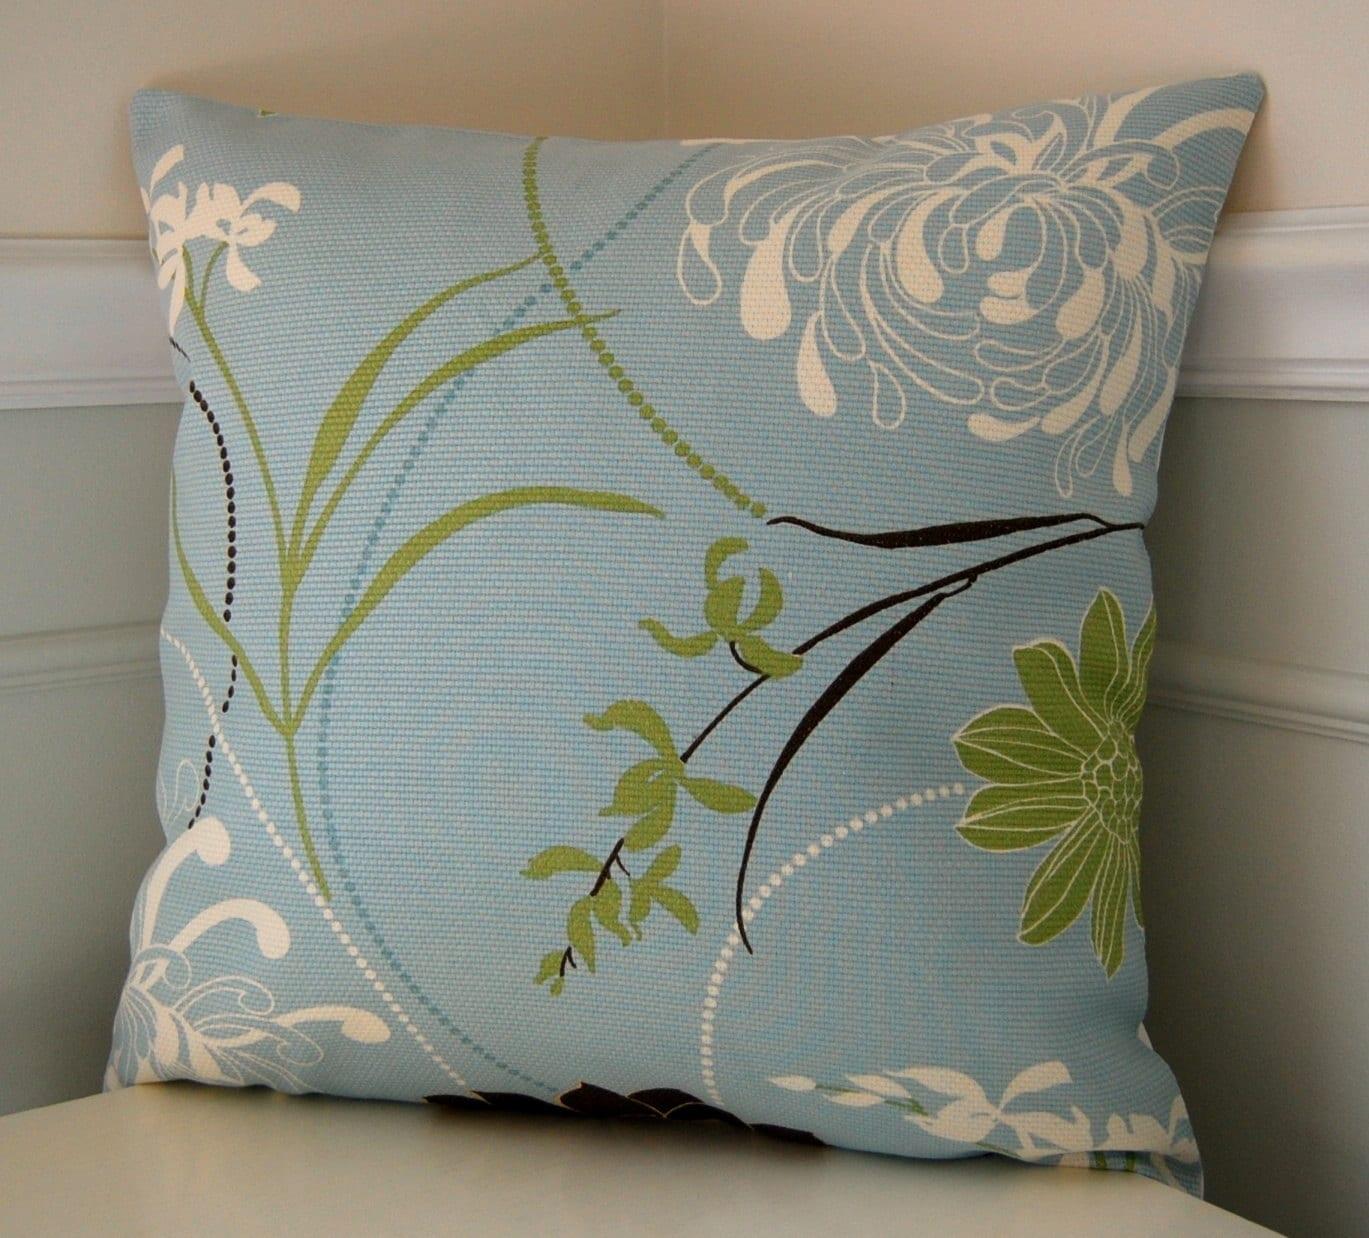 Throw Pillows Spotlight : Etsy/ Heartsy Deal Spotlight 8 June 2011 LipGlossFiend